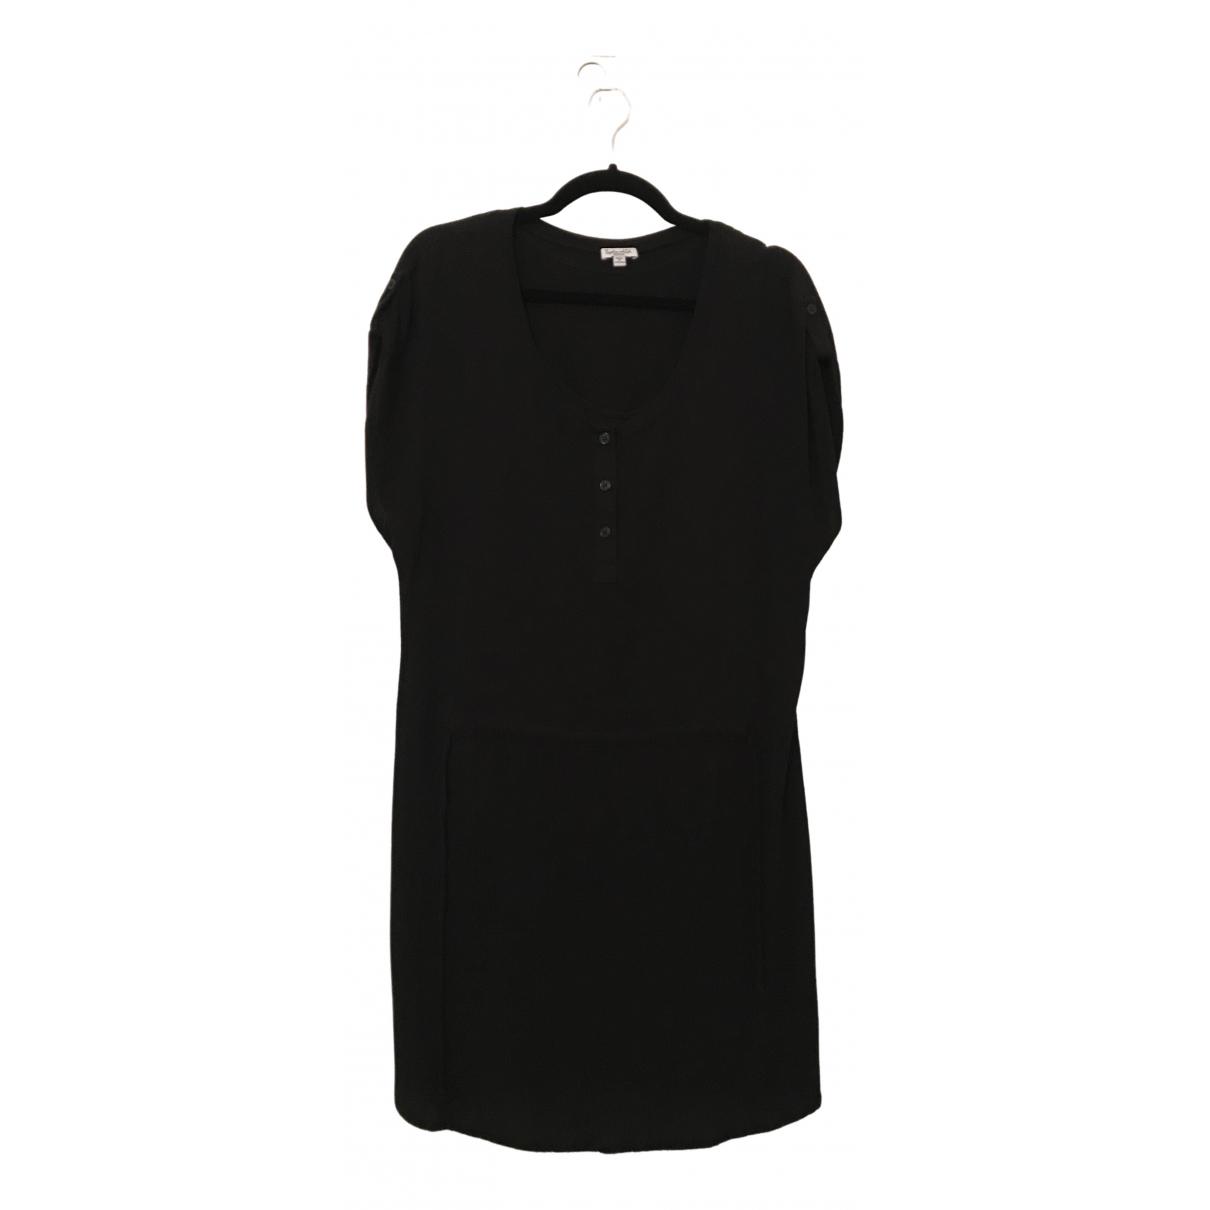 Splendid \N Kleid in  Schwarz Viskose